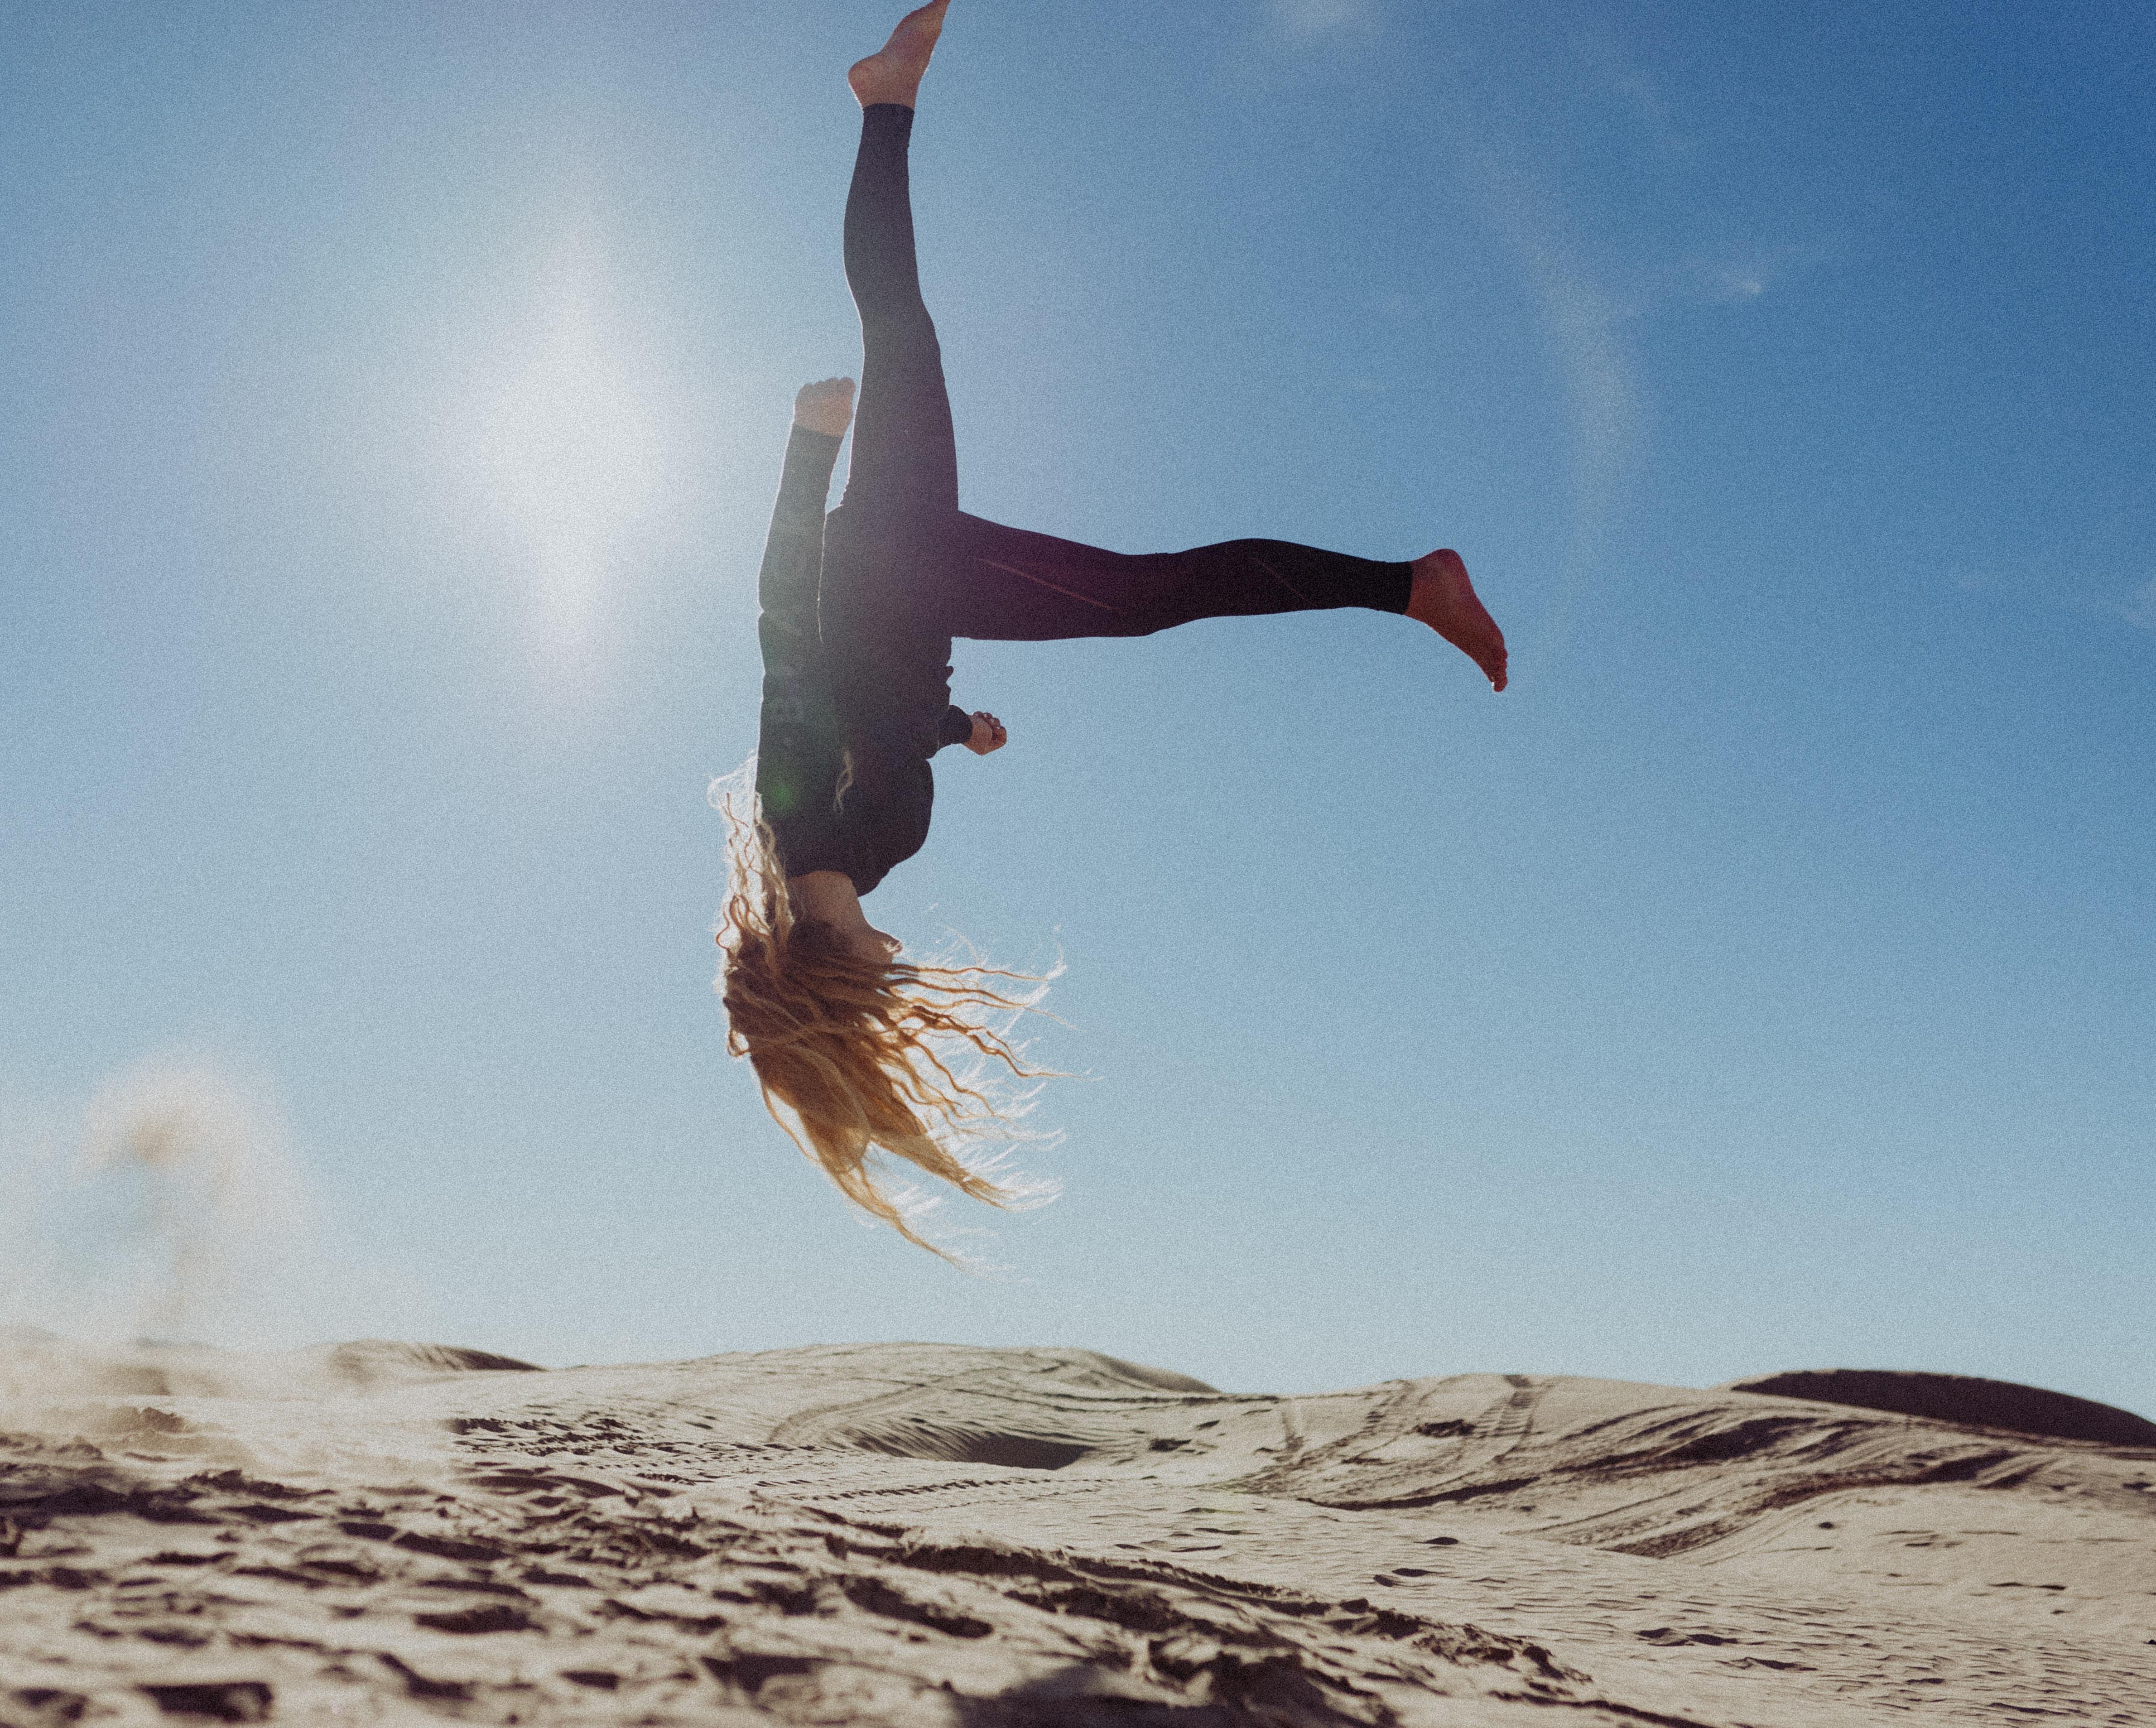 woman back flip under blue sky